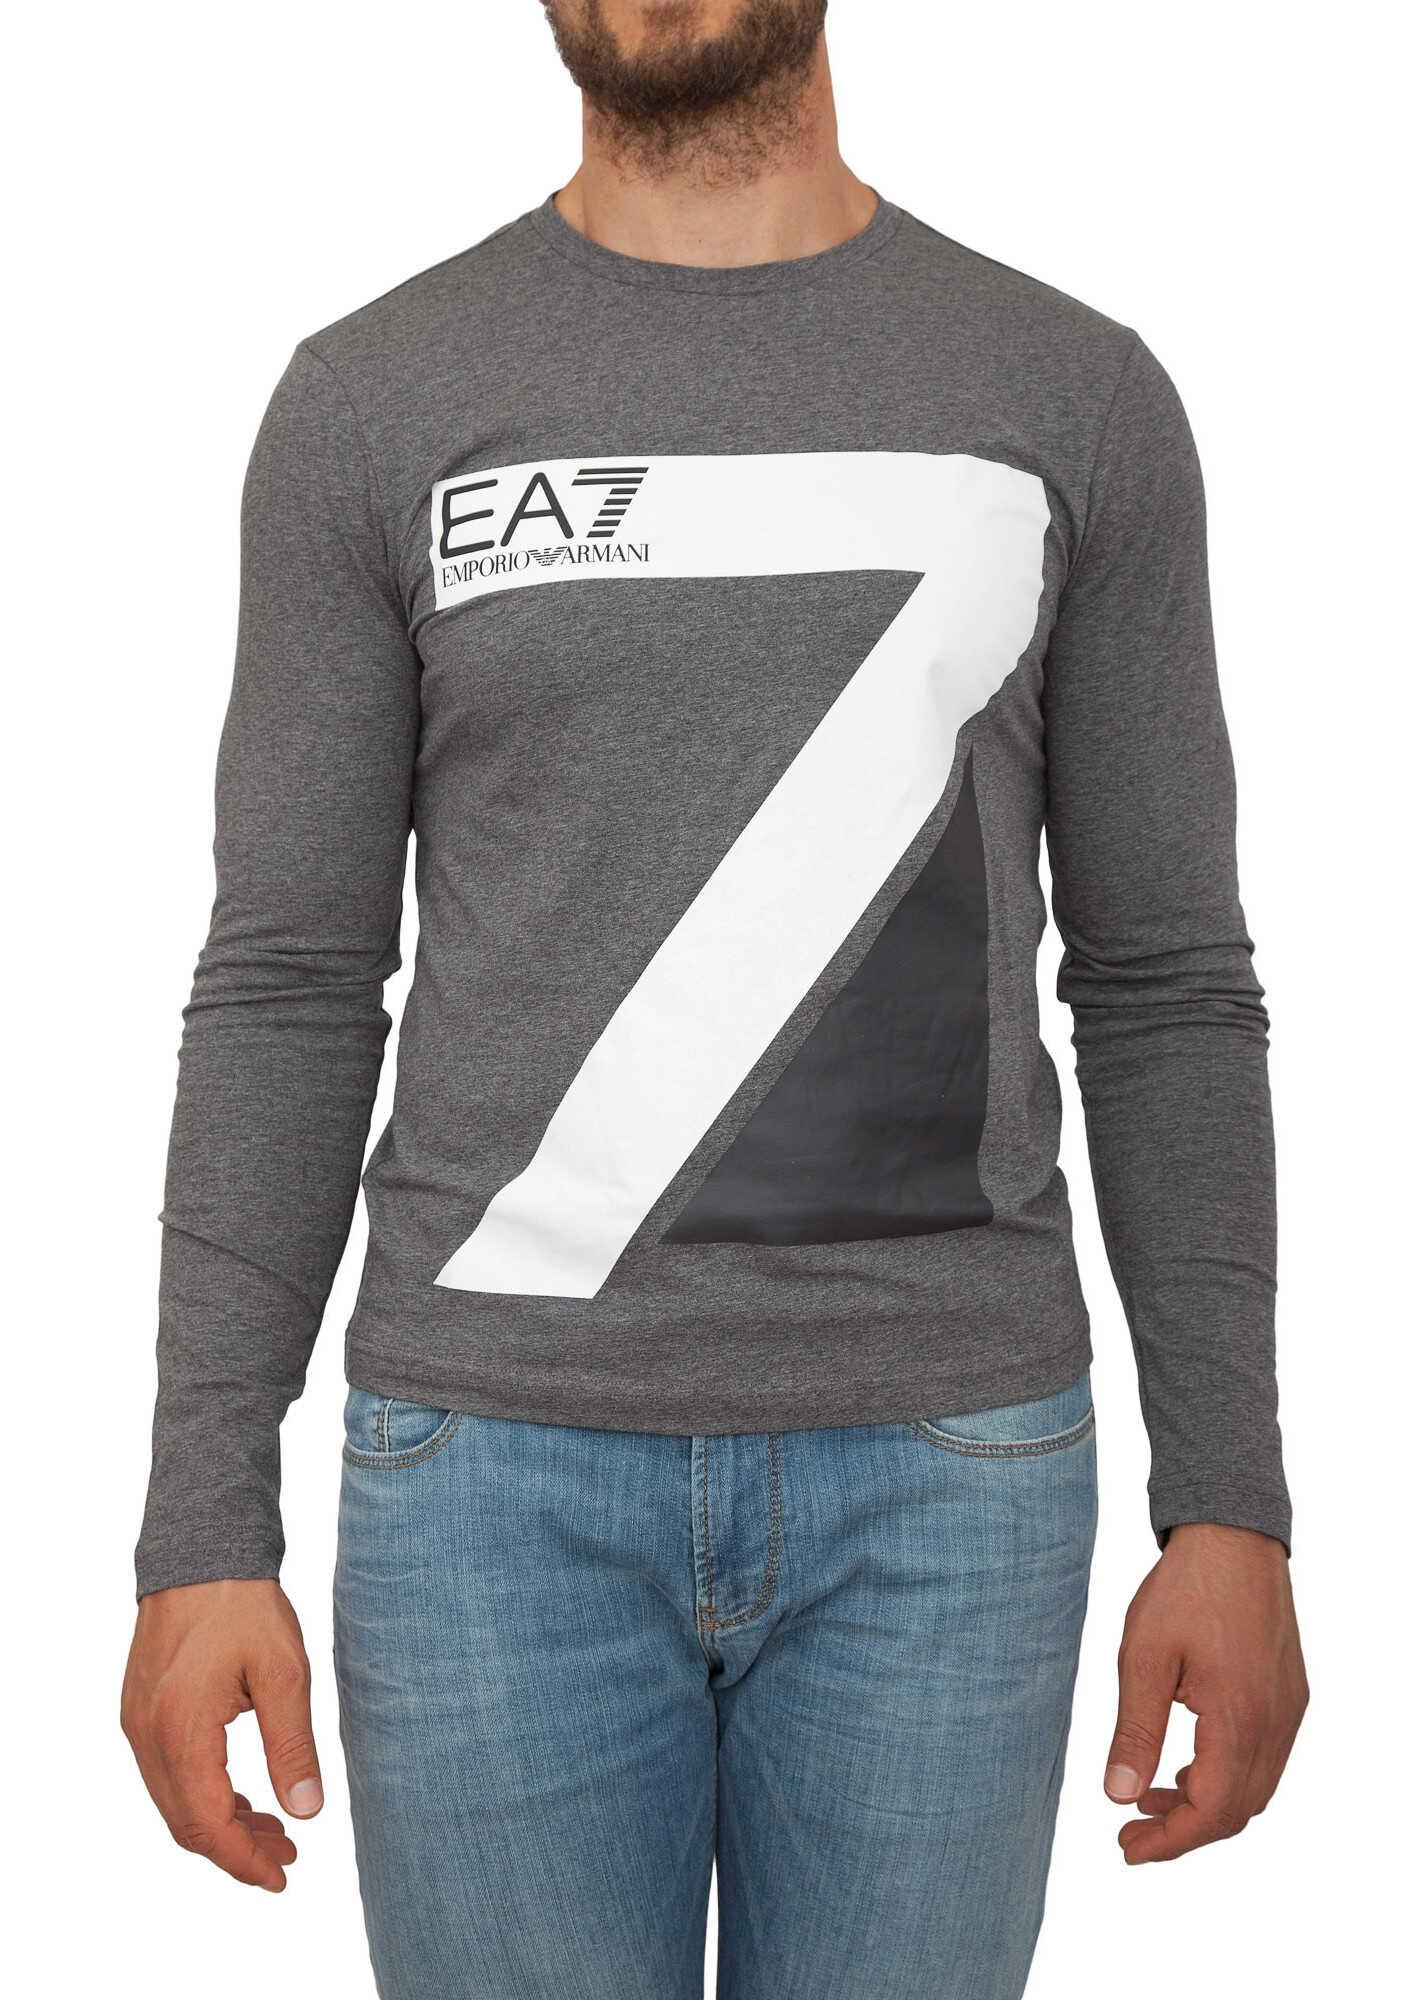 EA7 7A6CE498 GRAY